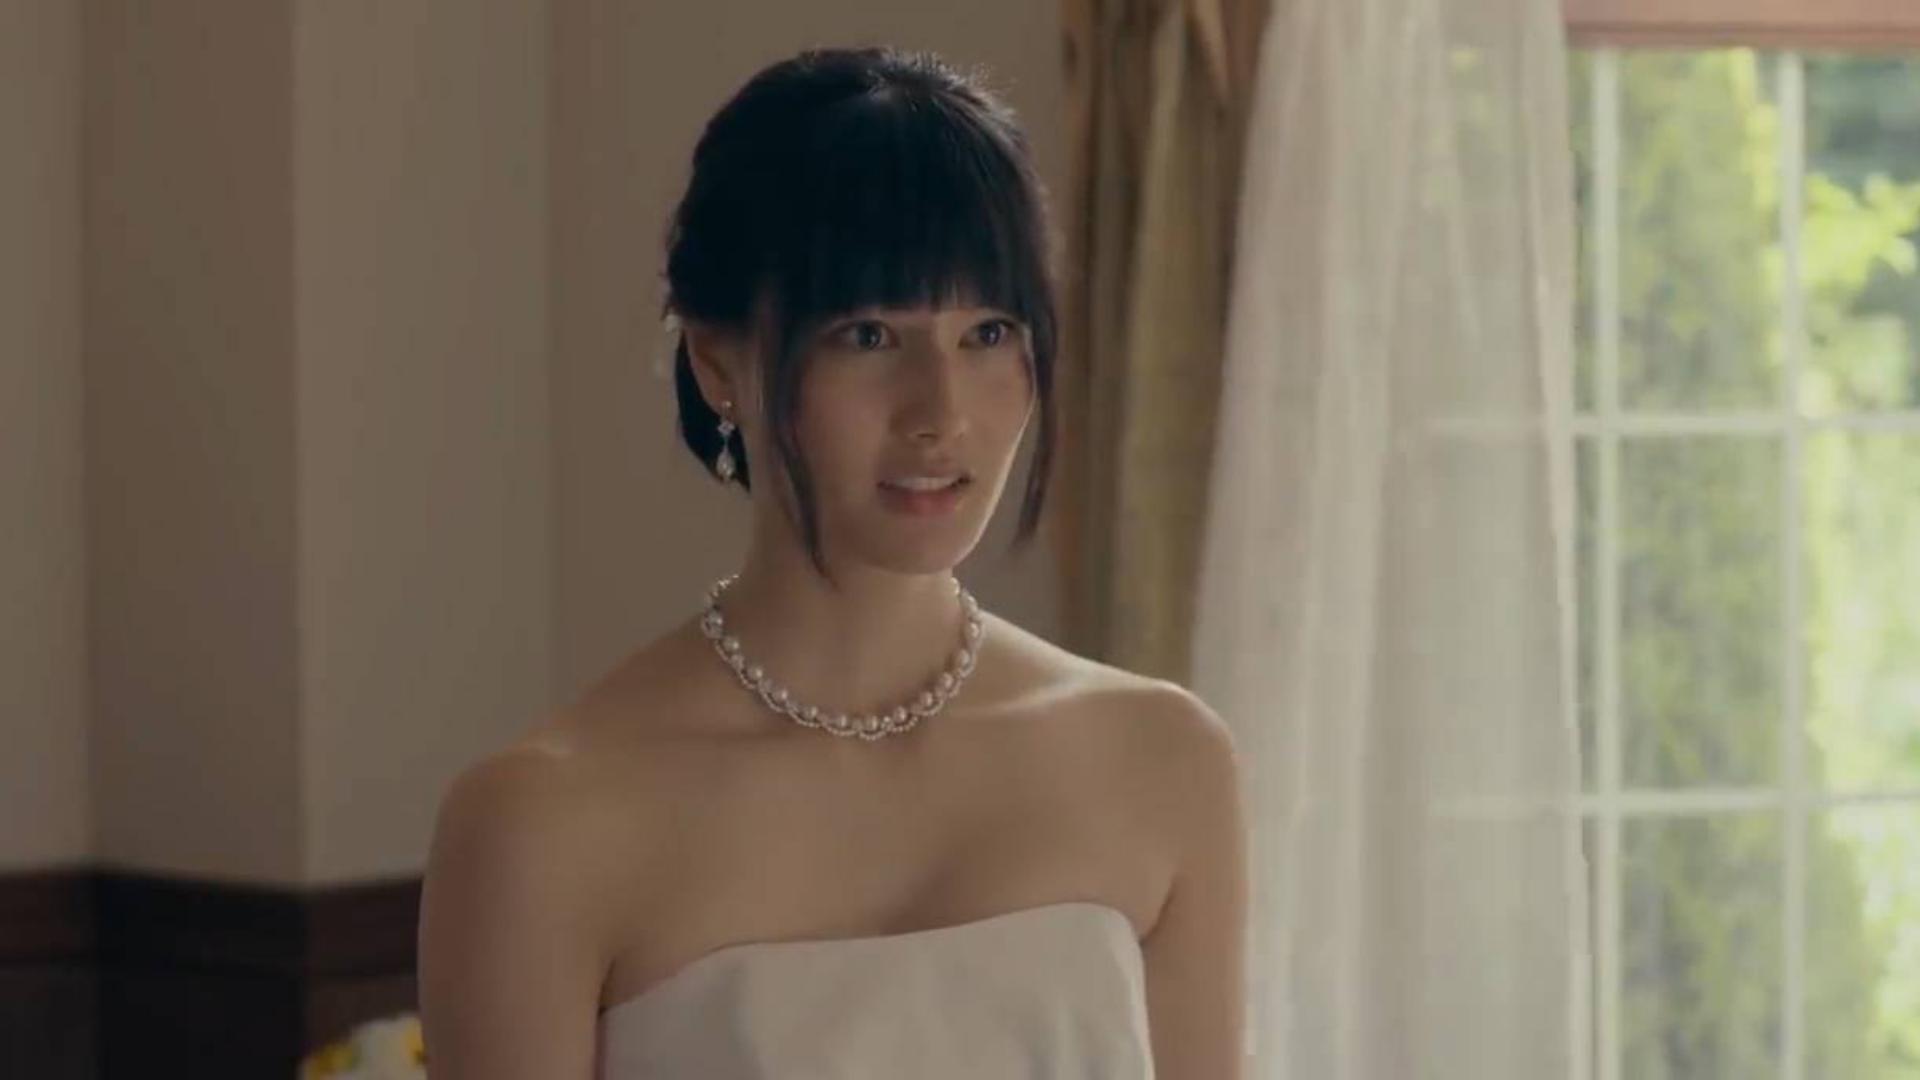 成年人该看的日本电影,拍出了岛国片的精髓,适合一个人静静看